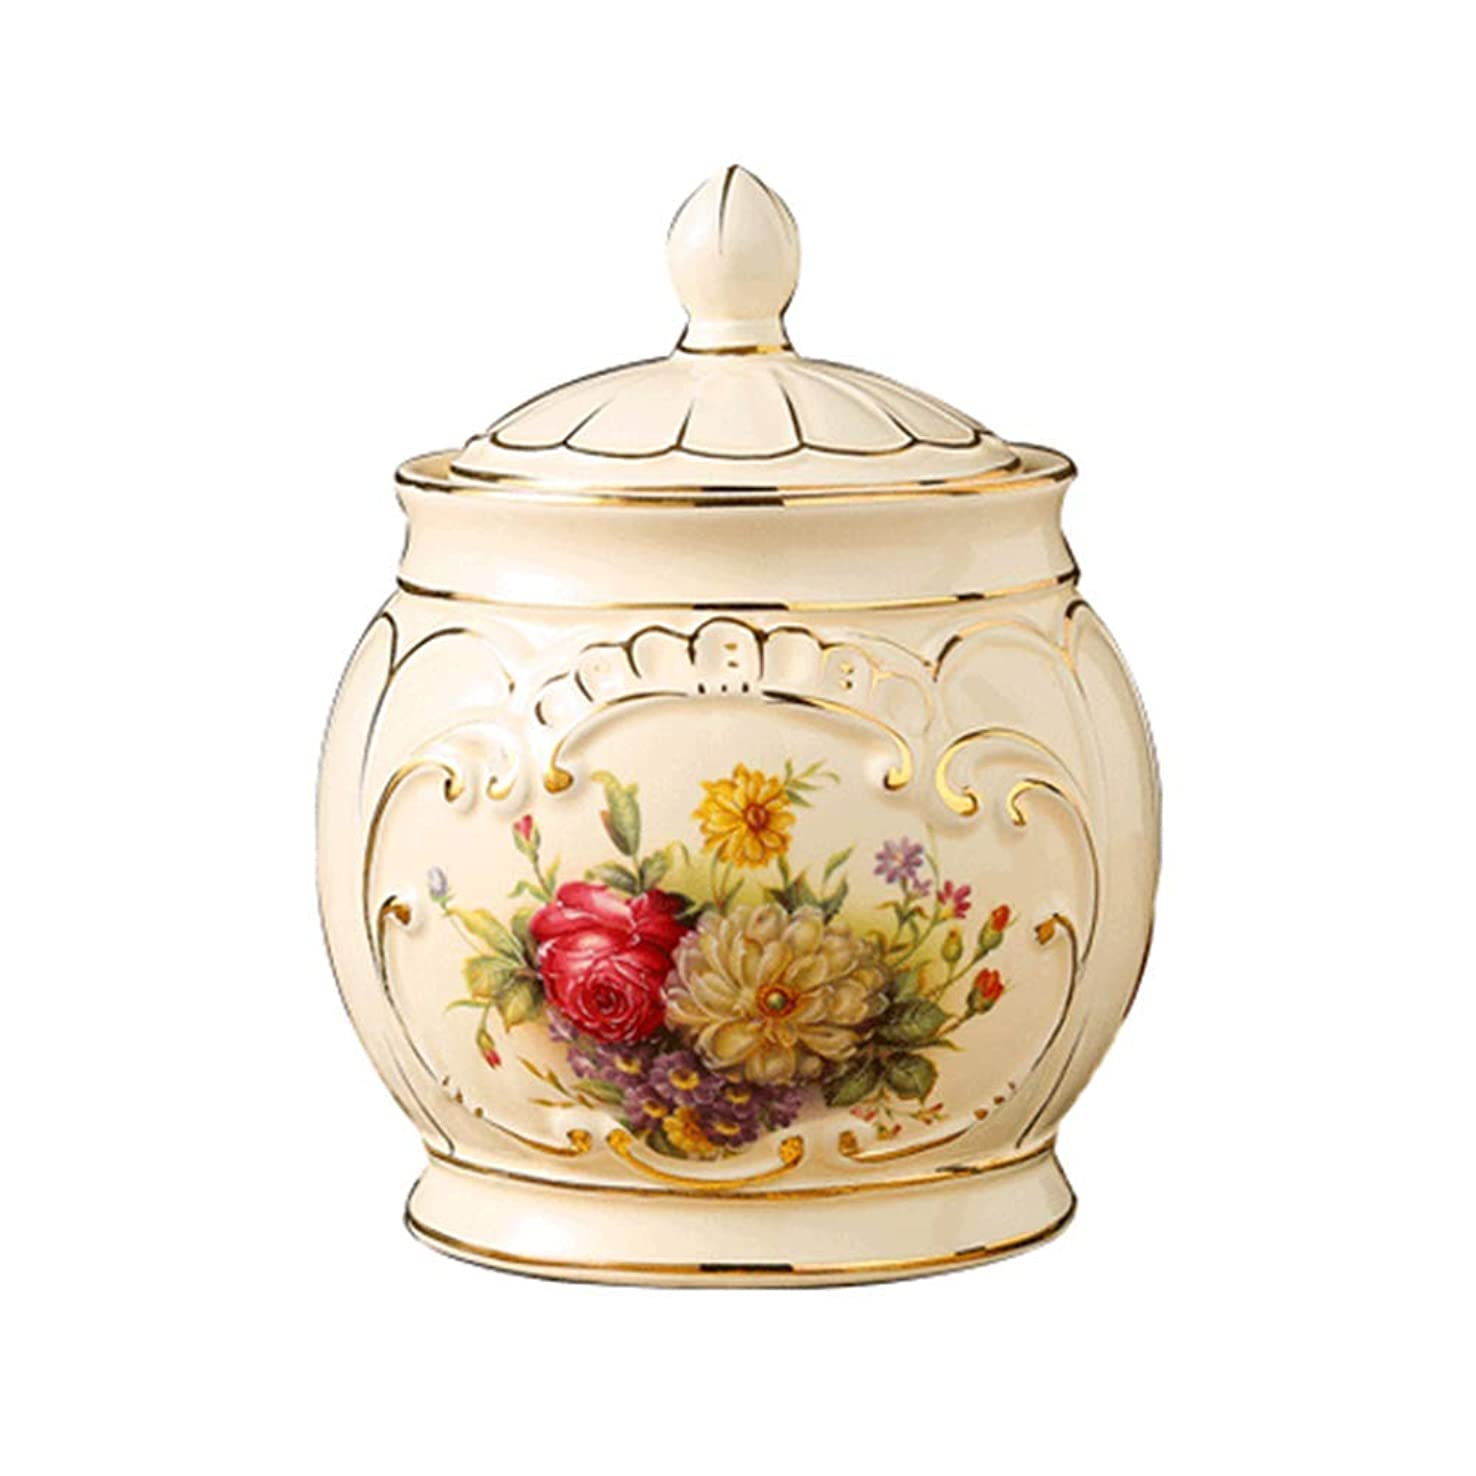 回転する後世講堂アッシュ缶動物記念祭壇陶芸手作り湿気から密封灰の保管用